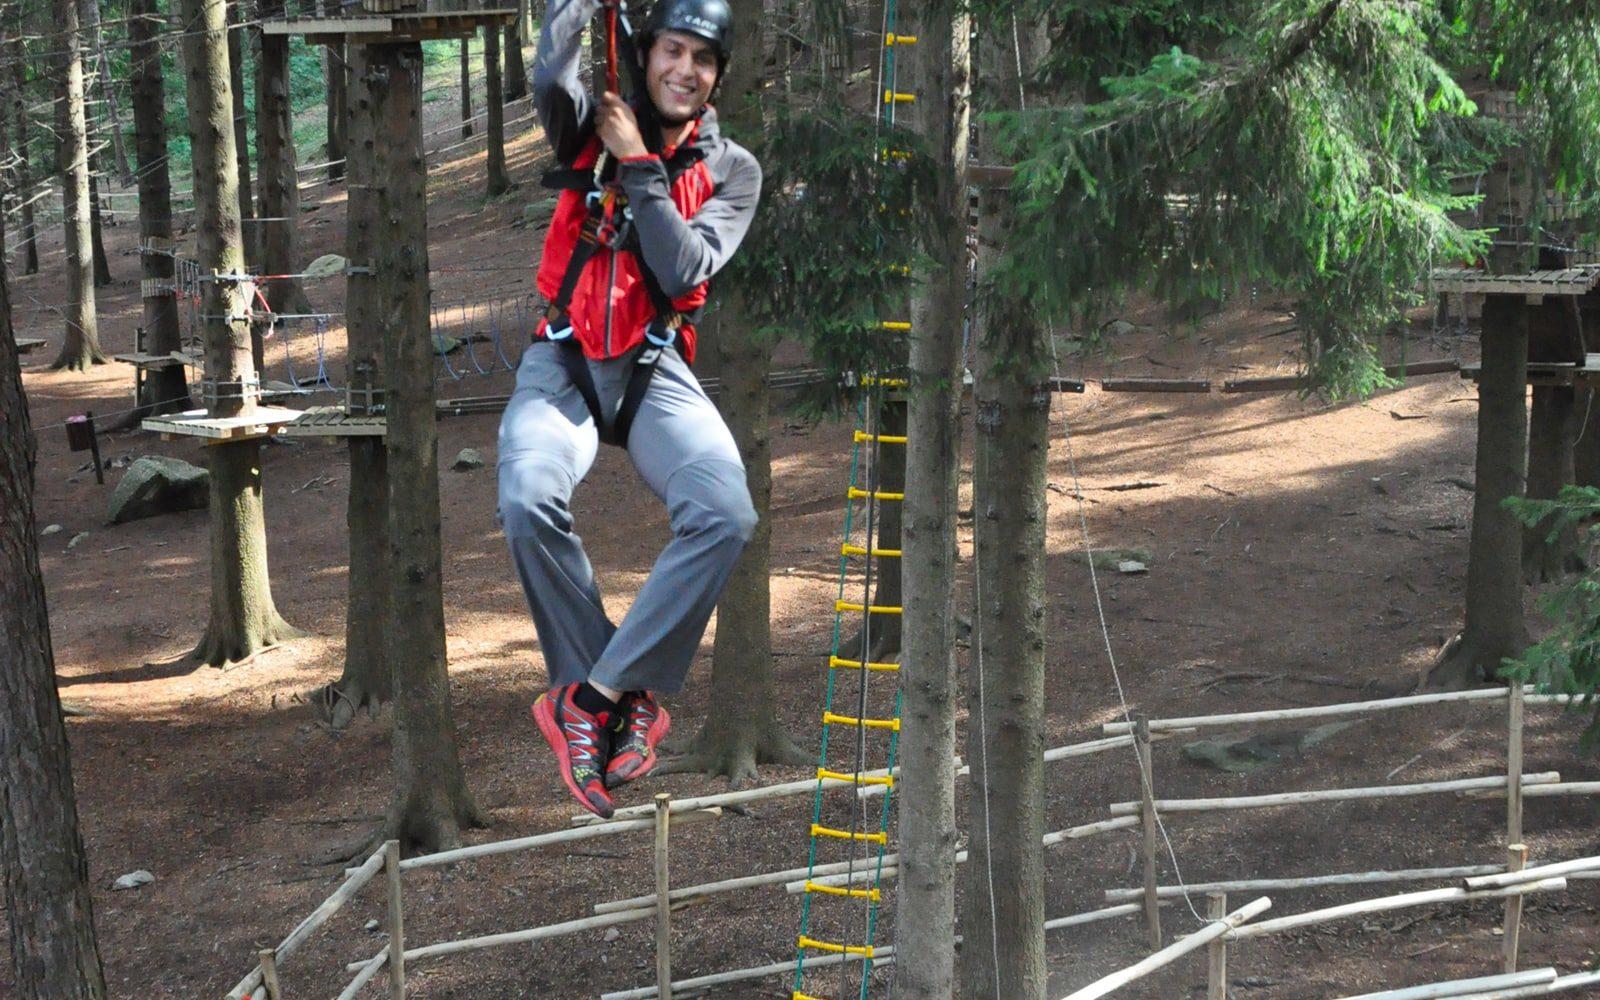 Zipline adrenalinica nel percorso per adulti del Jungle Raider Park di Civenna Zipline adrenalinica nel percorso per adulti del Jungle Raider Park di Civenna